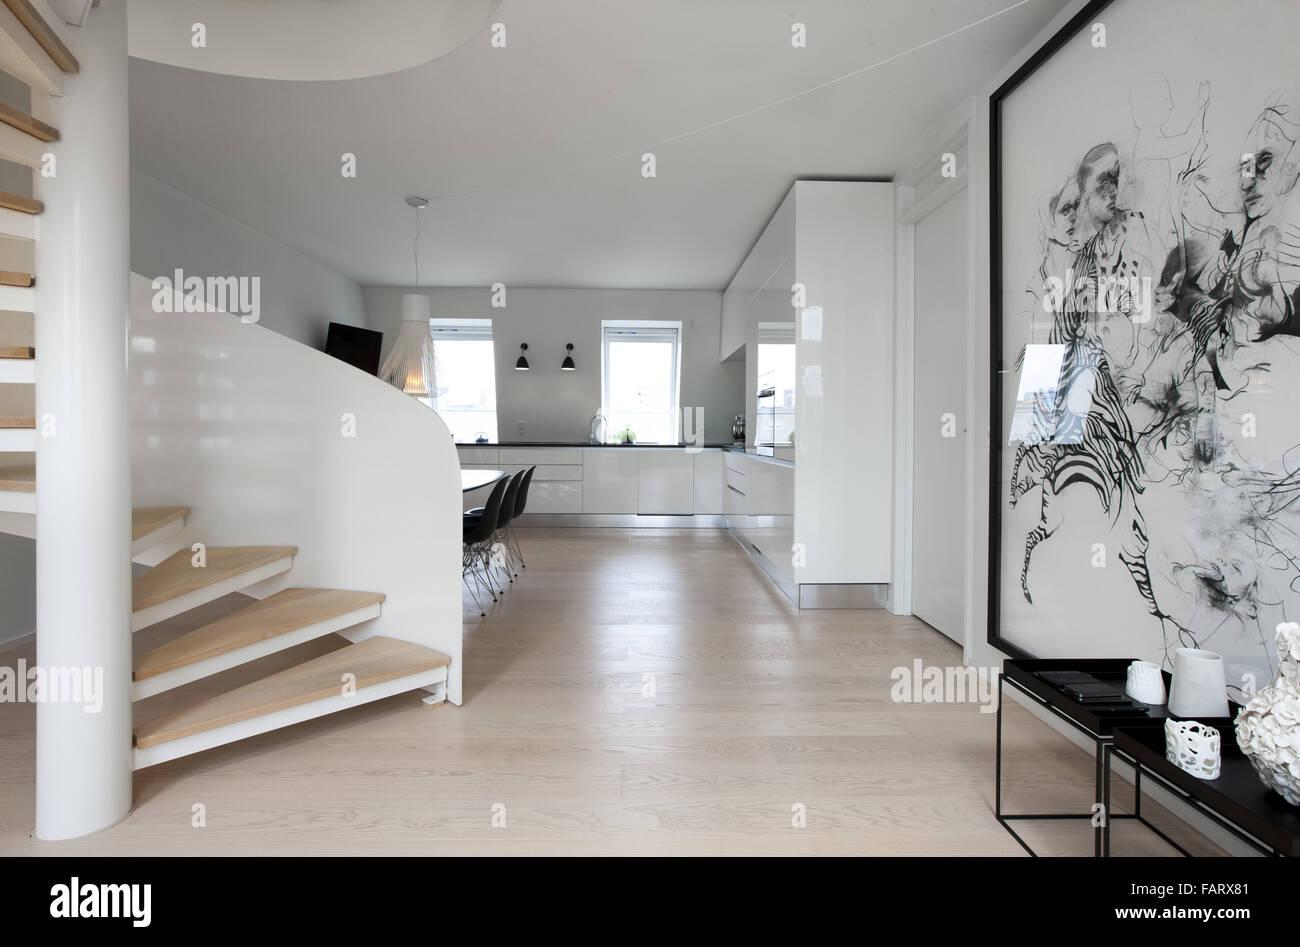 Pas de bêtises, Moderne appartement à Copenhague. Des murs blancs et un sol en bois. Art et style minimaliste. Photo Stock